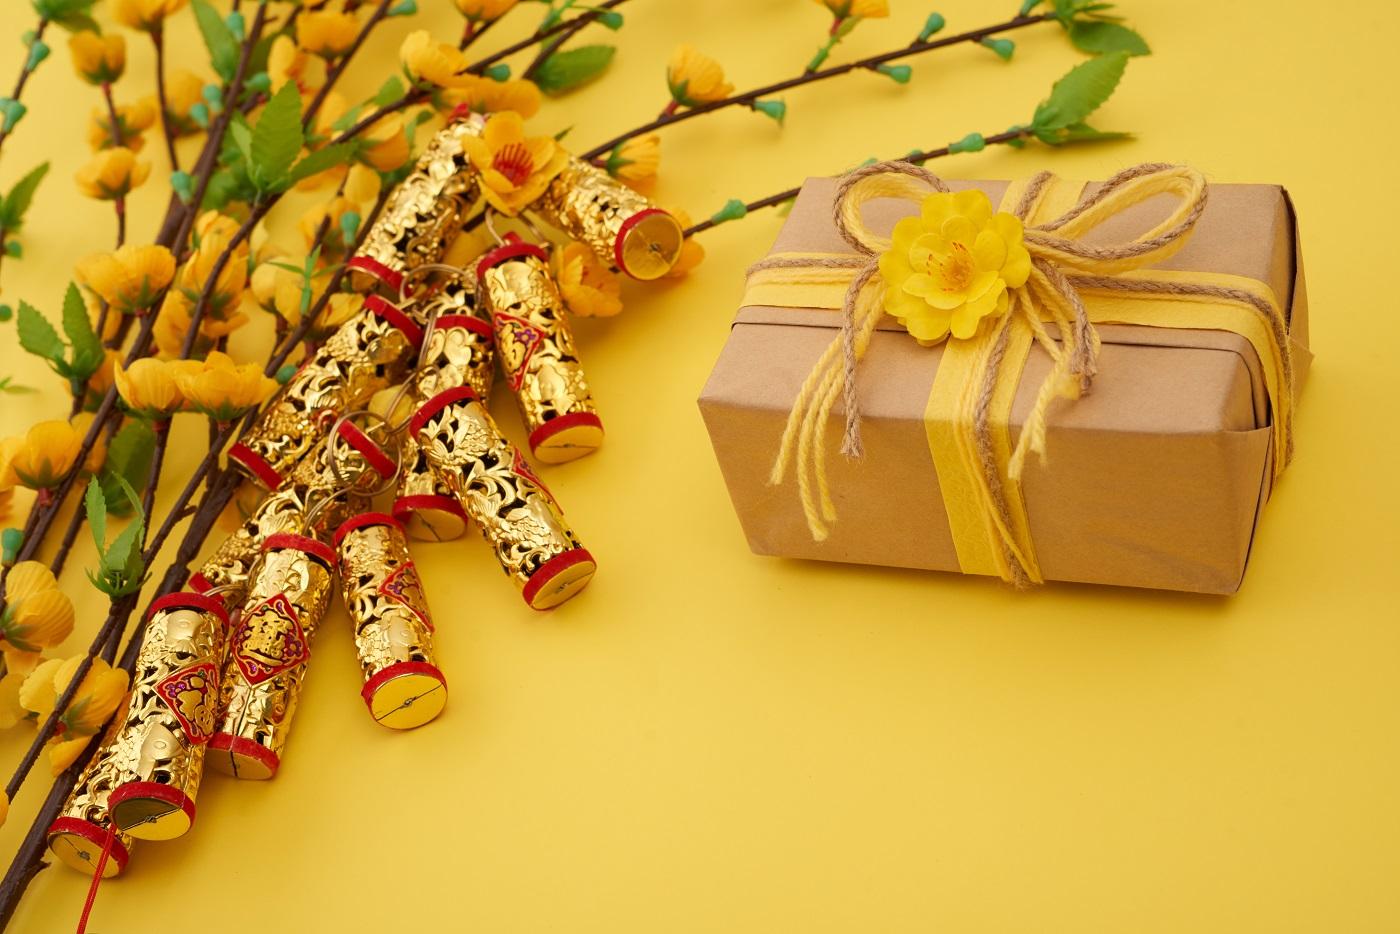 Tặng quà dịp Lễ Tết thế nào cho ý nghĩa?